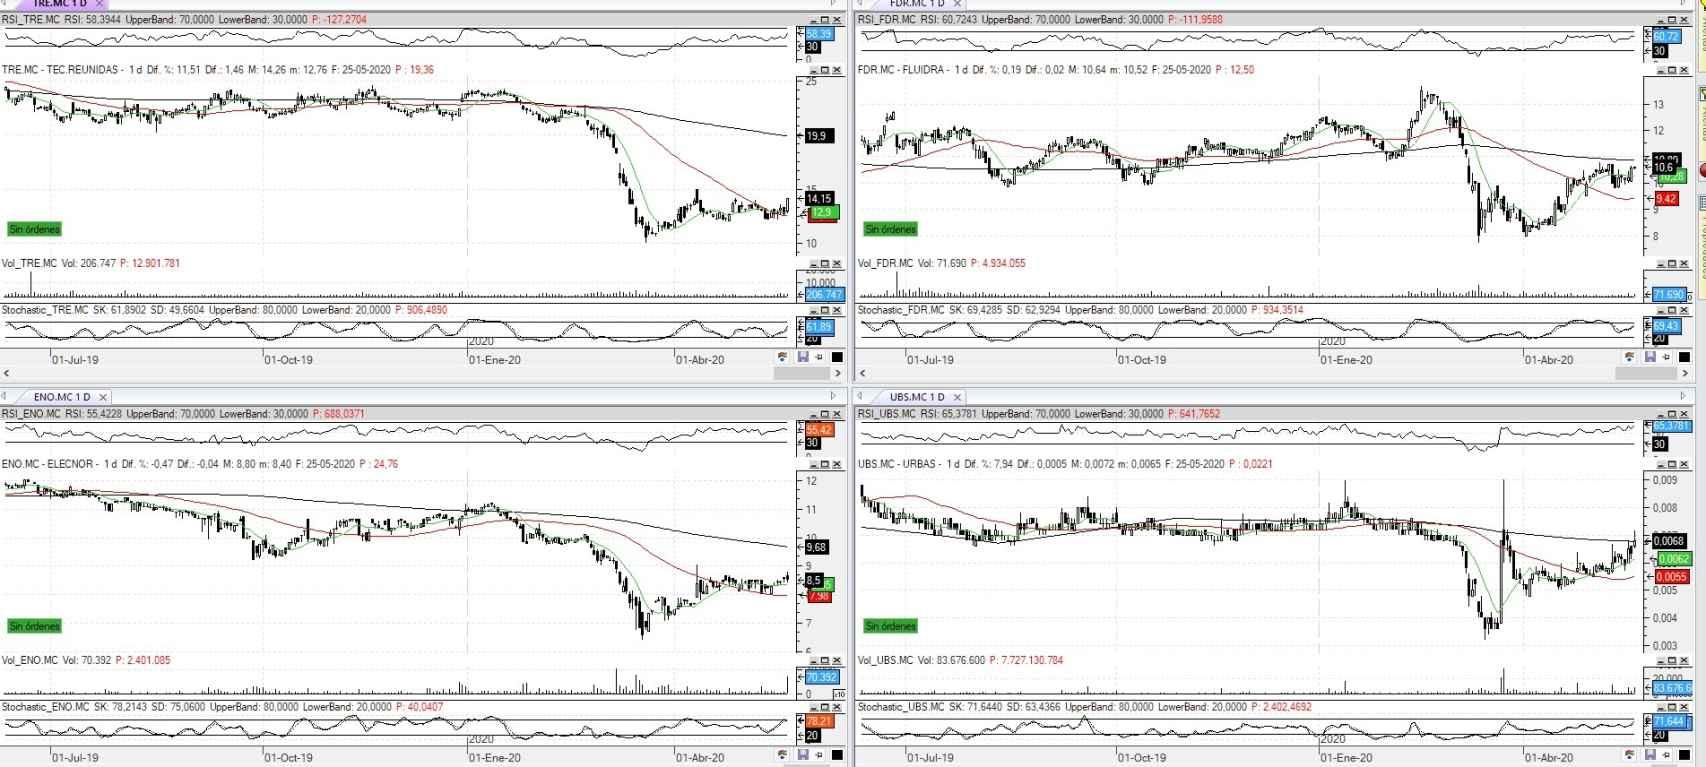 Oportunidades de trading para la sesión de hoy